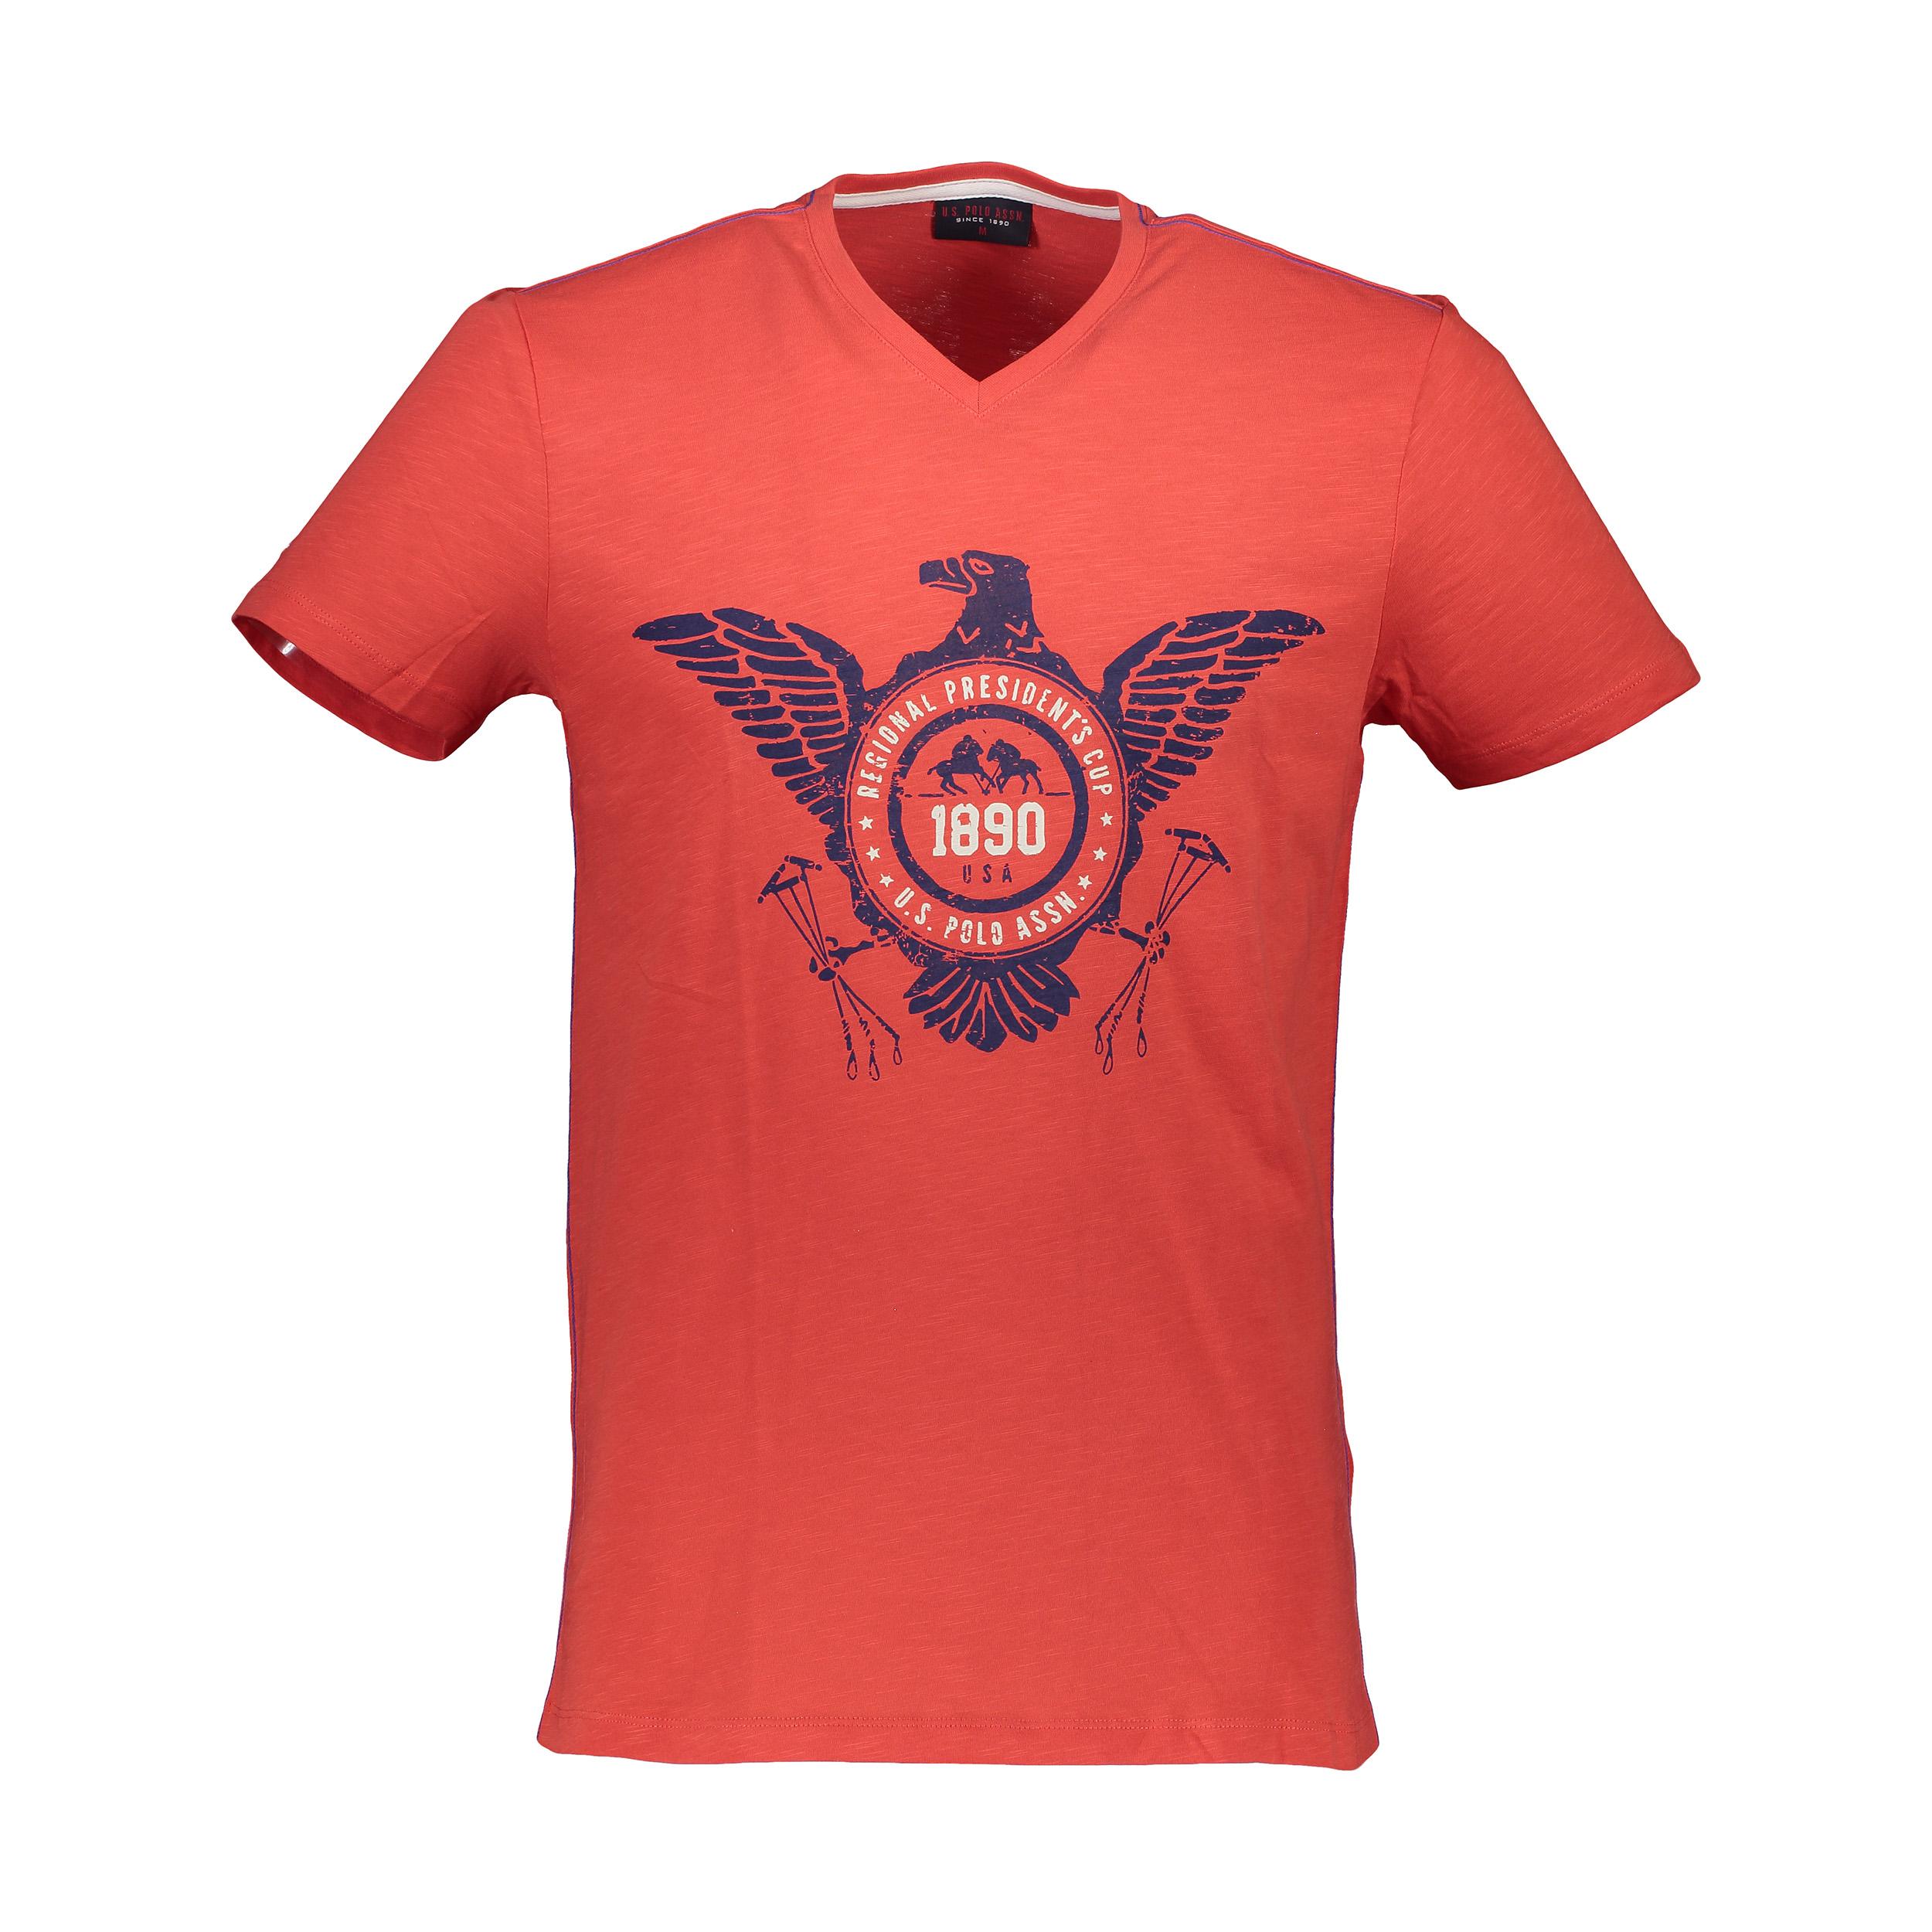 قیمت تی شرت آستین کوتاه مردانه یو اس پولو مدل 081125